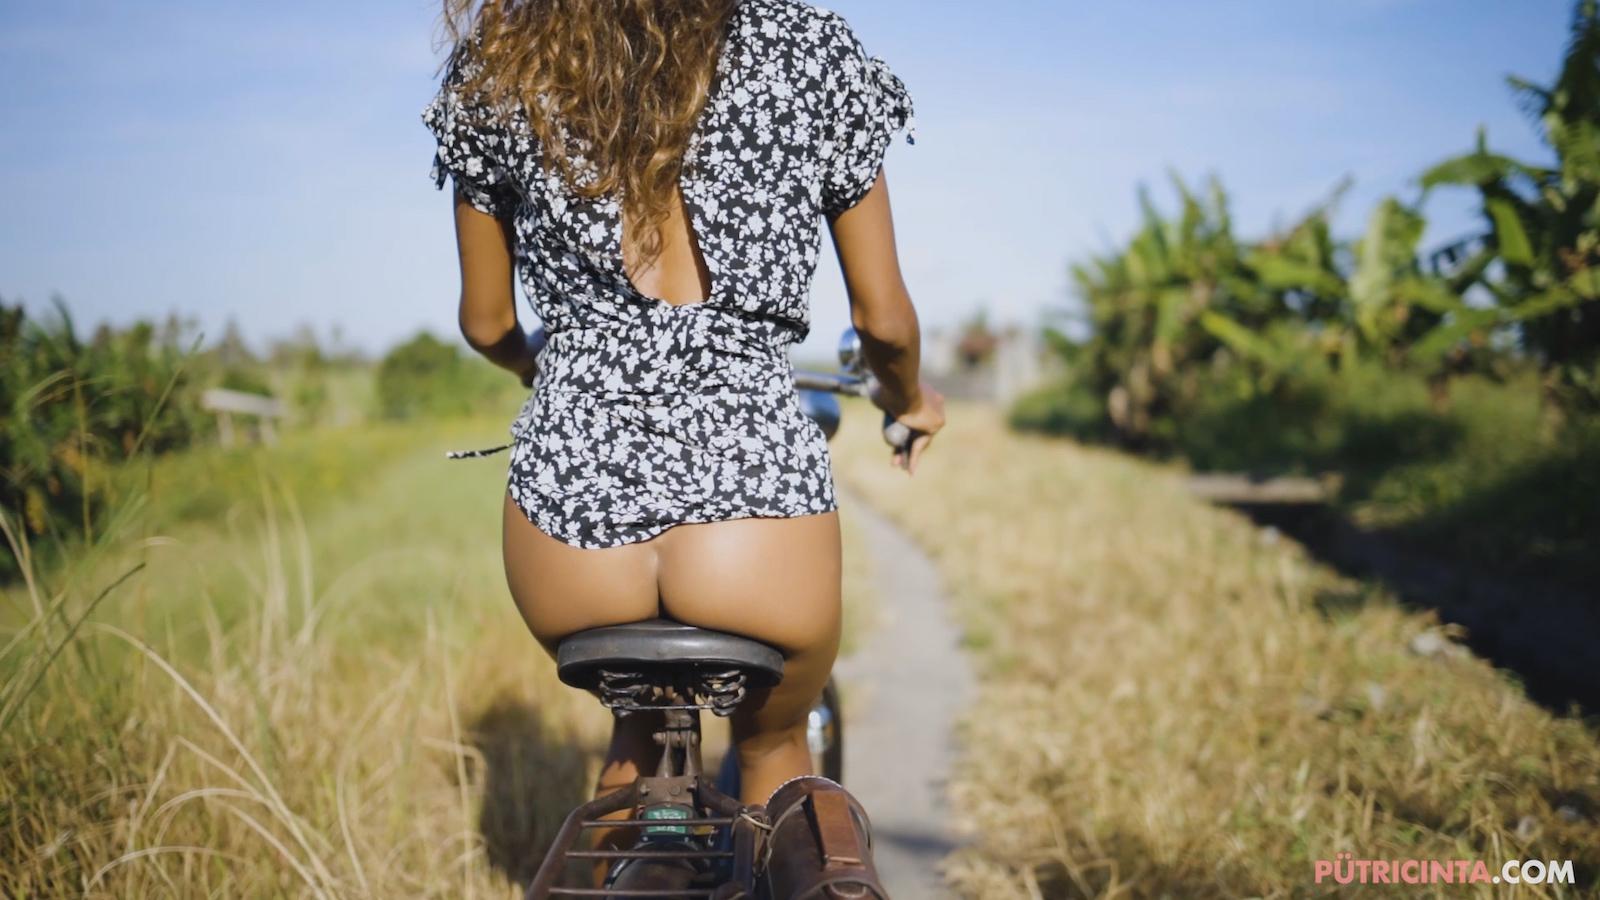 024-cyclingcommando-Putri-Cinta-Mainvid-stills-22.jpg